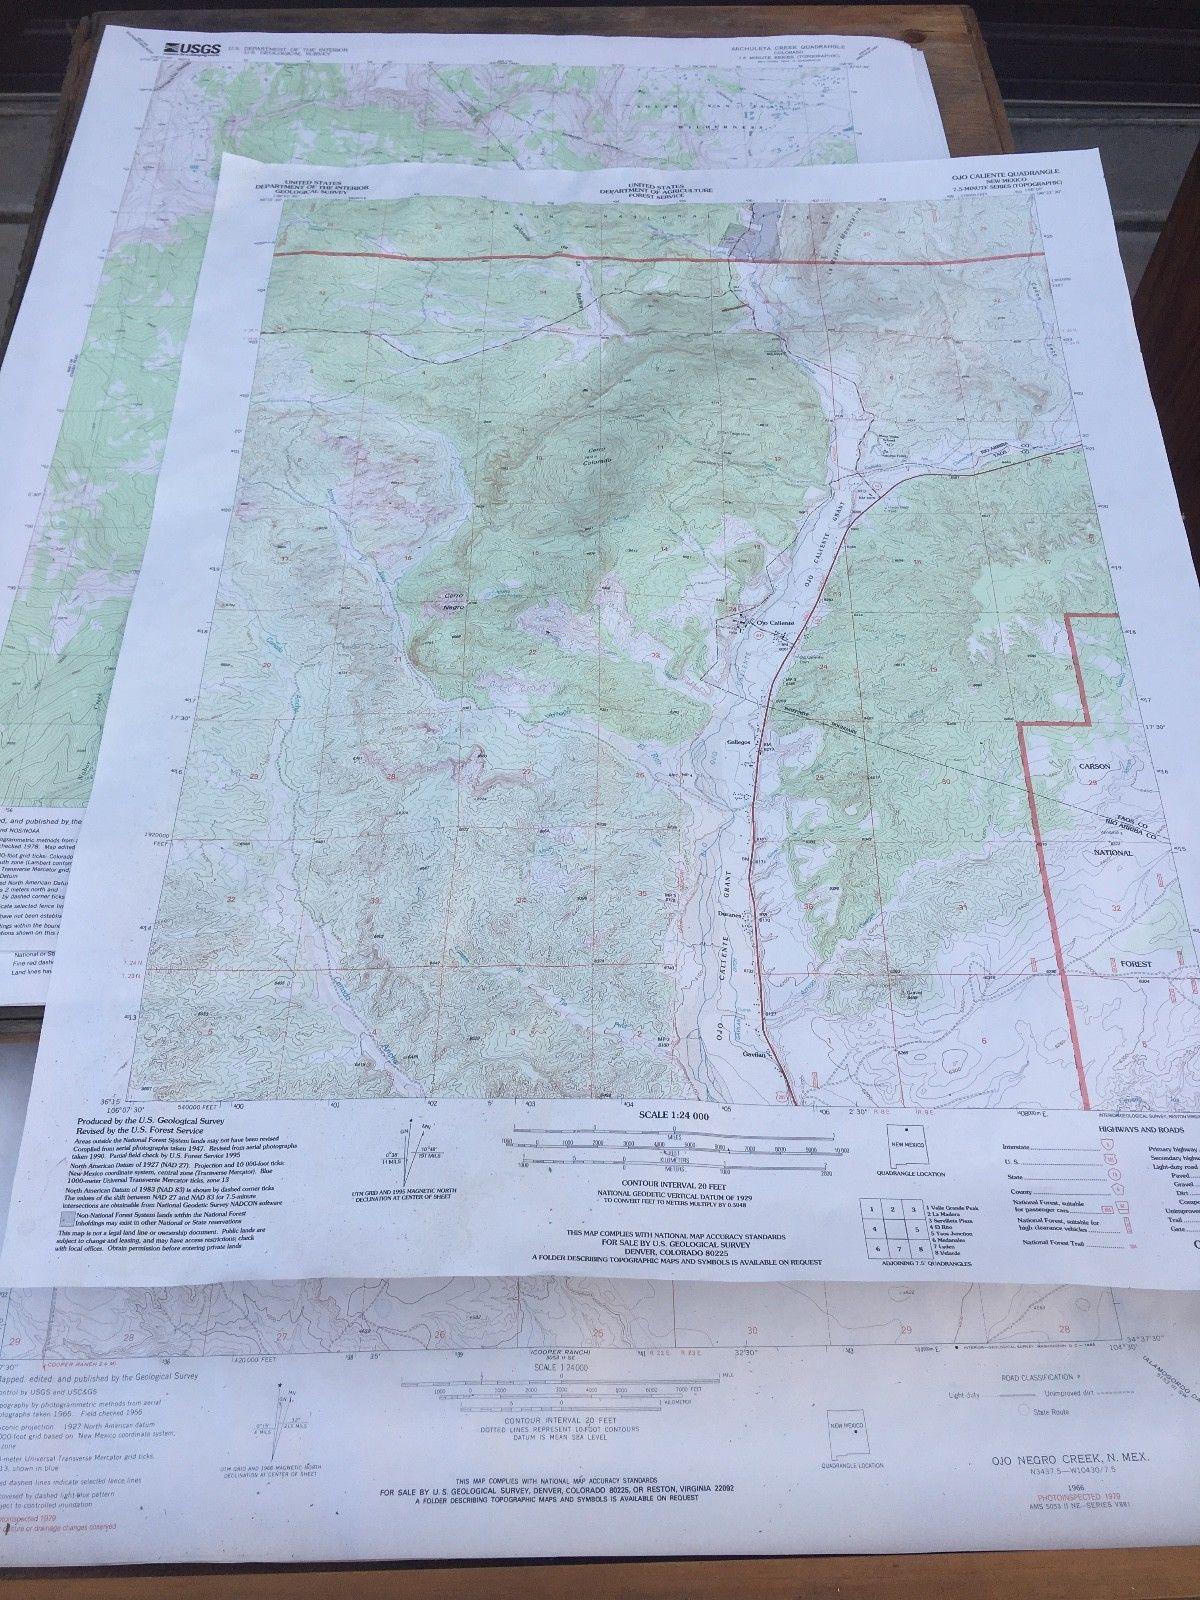 Forrest Fenn Map Large Related Keywords & Suggestions - Forrest Fenn